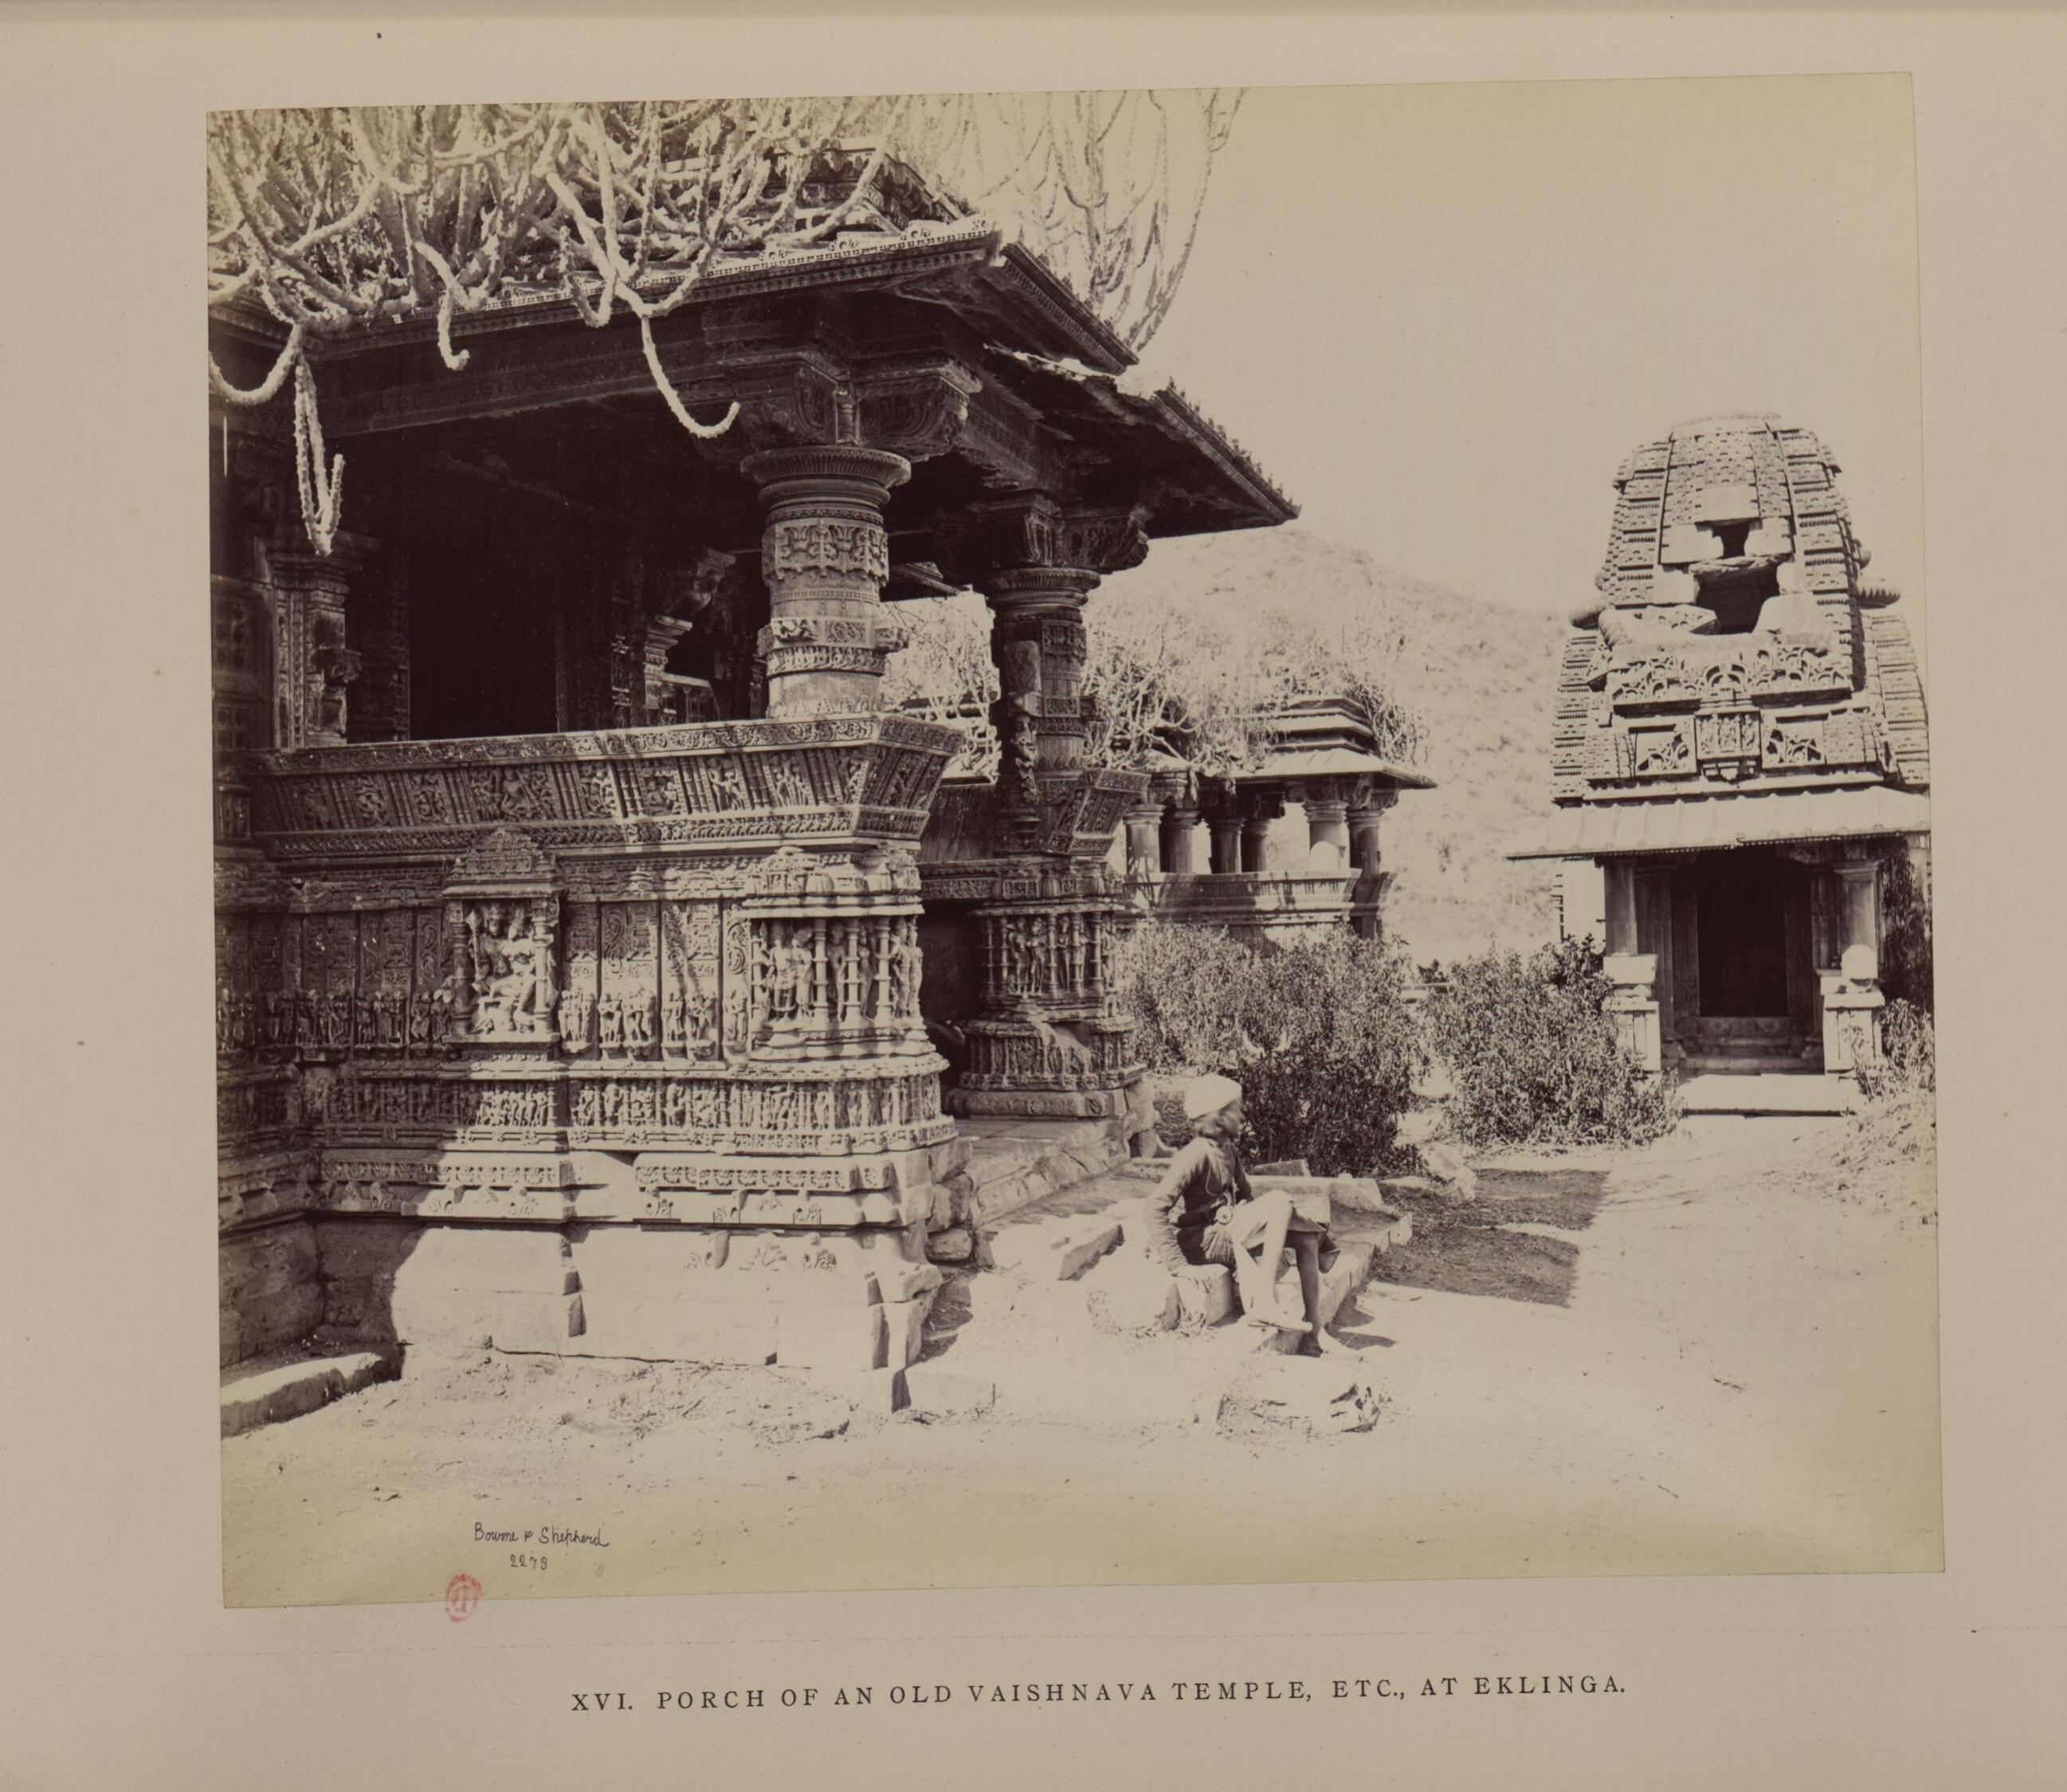 Крыльцо старого вайшнавитского храма в Еклинге